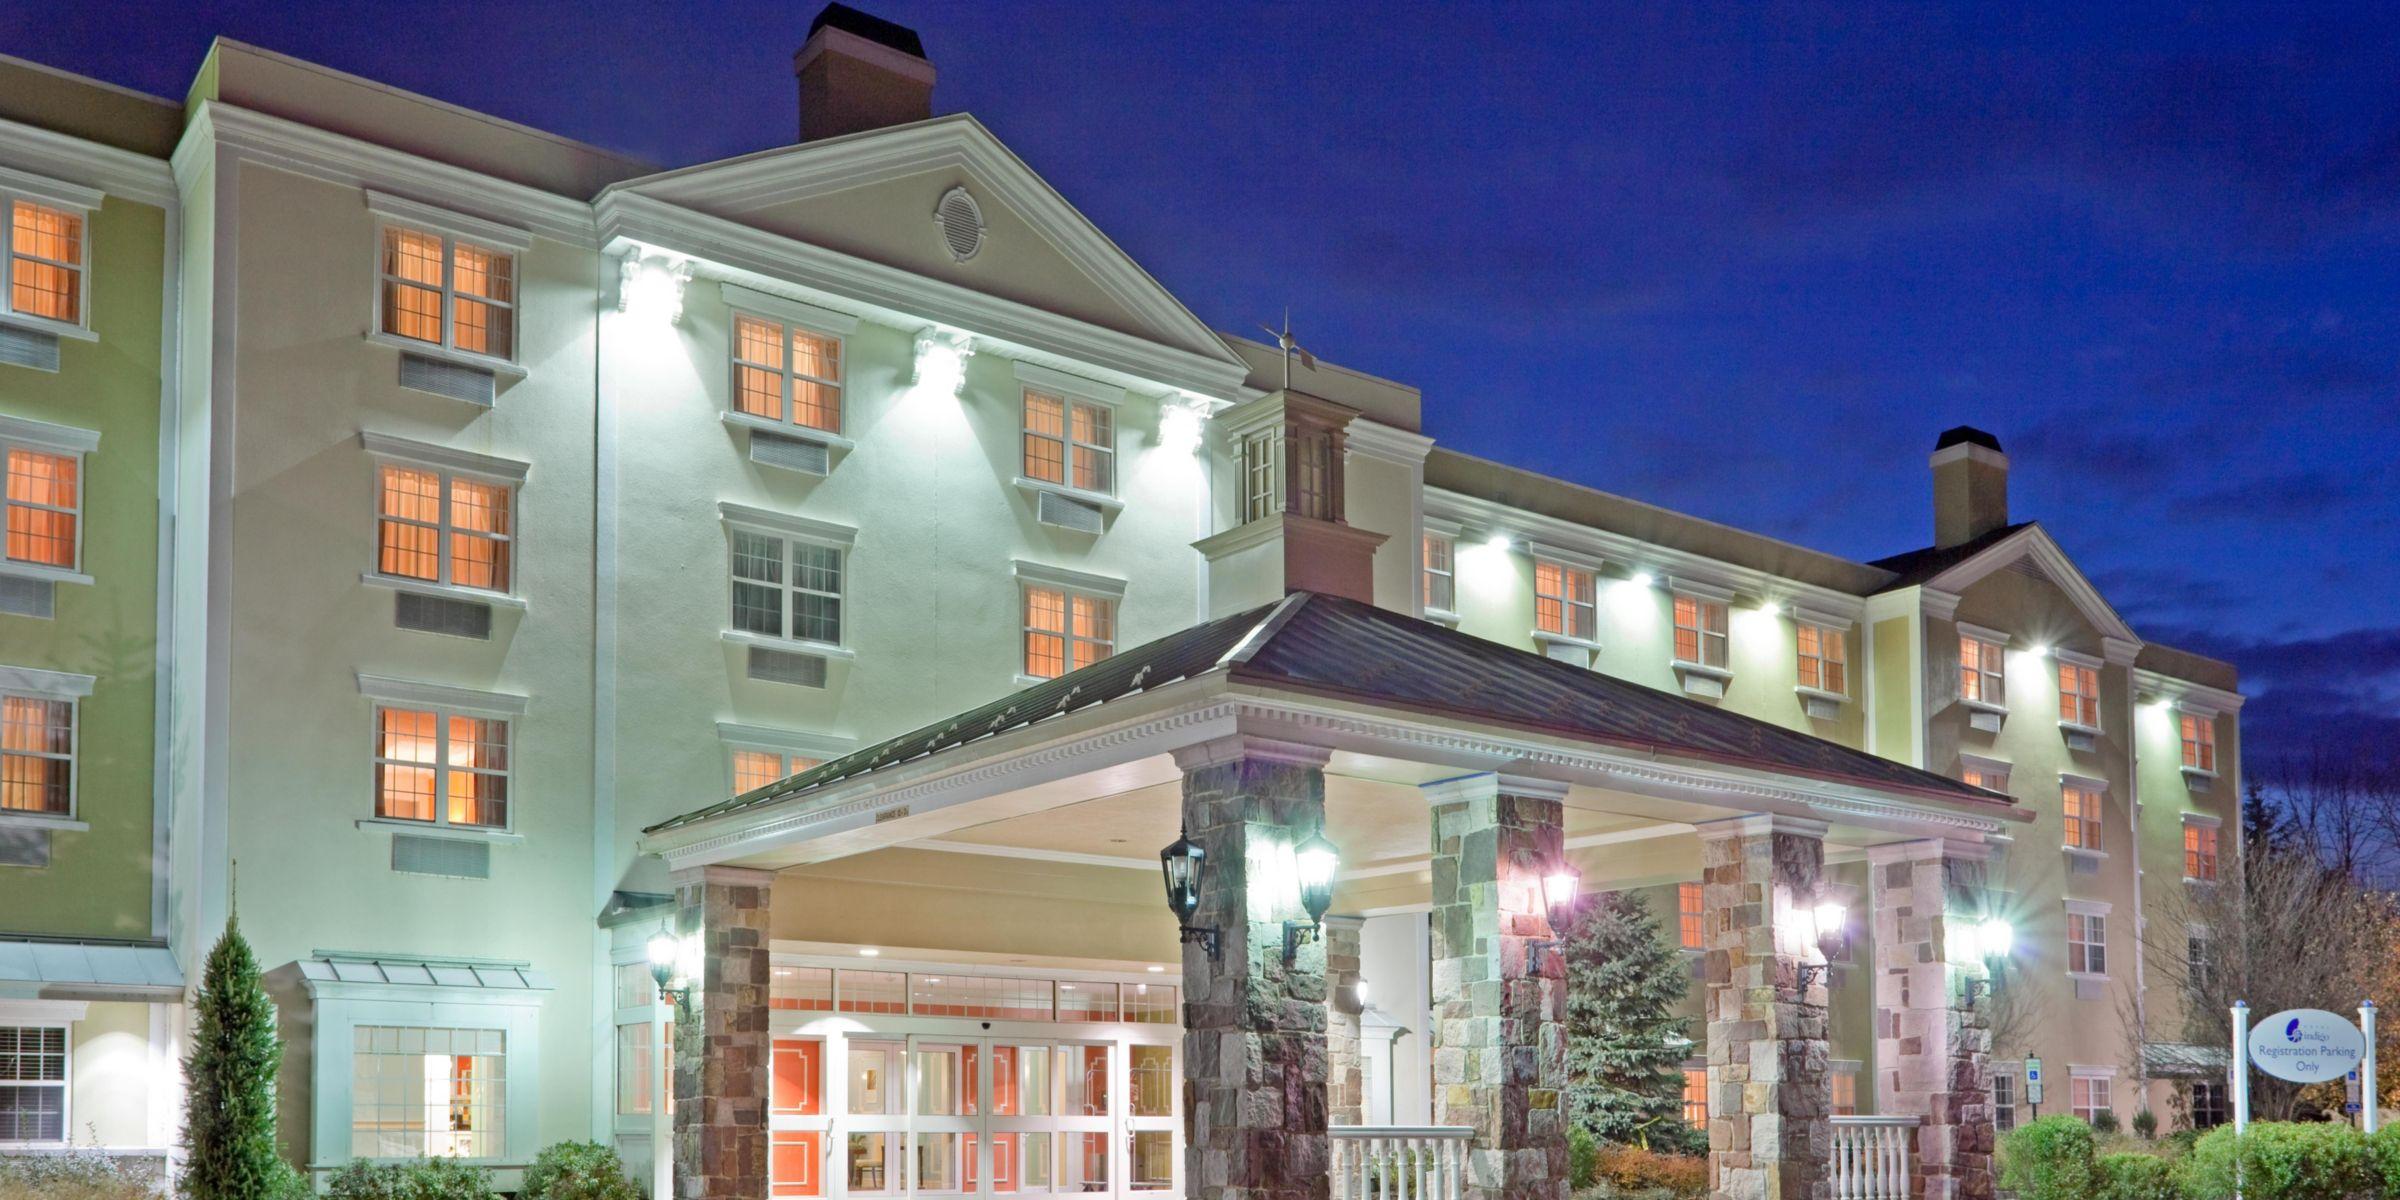 Basking Ridge Hotel Exterior At Night